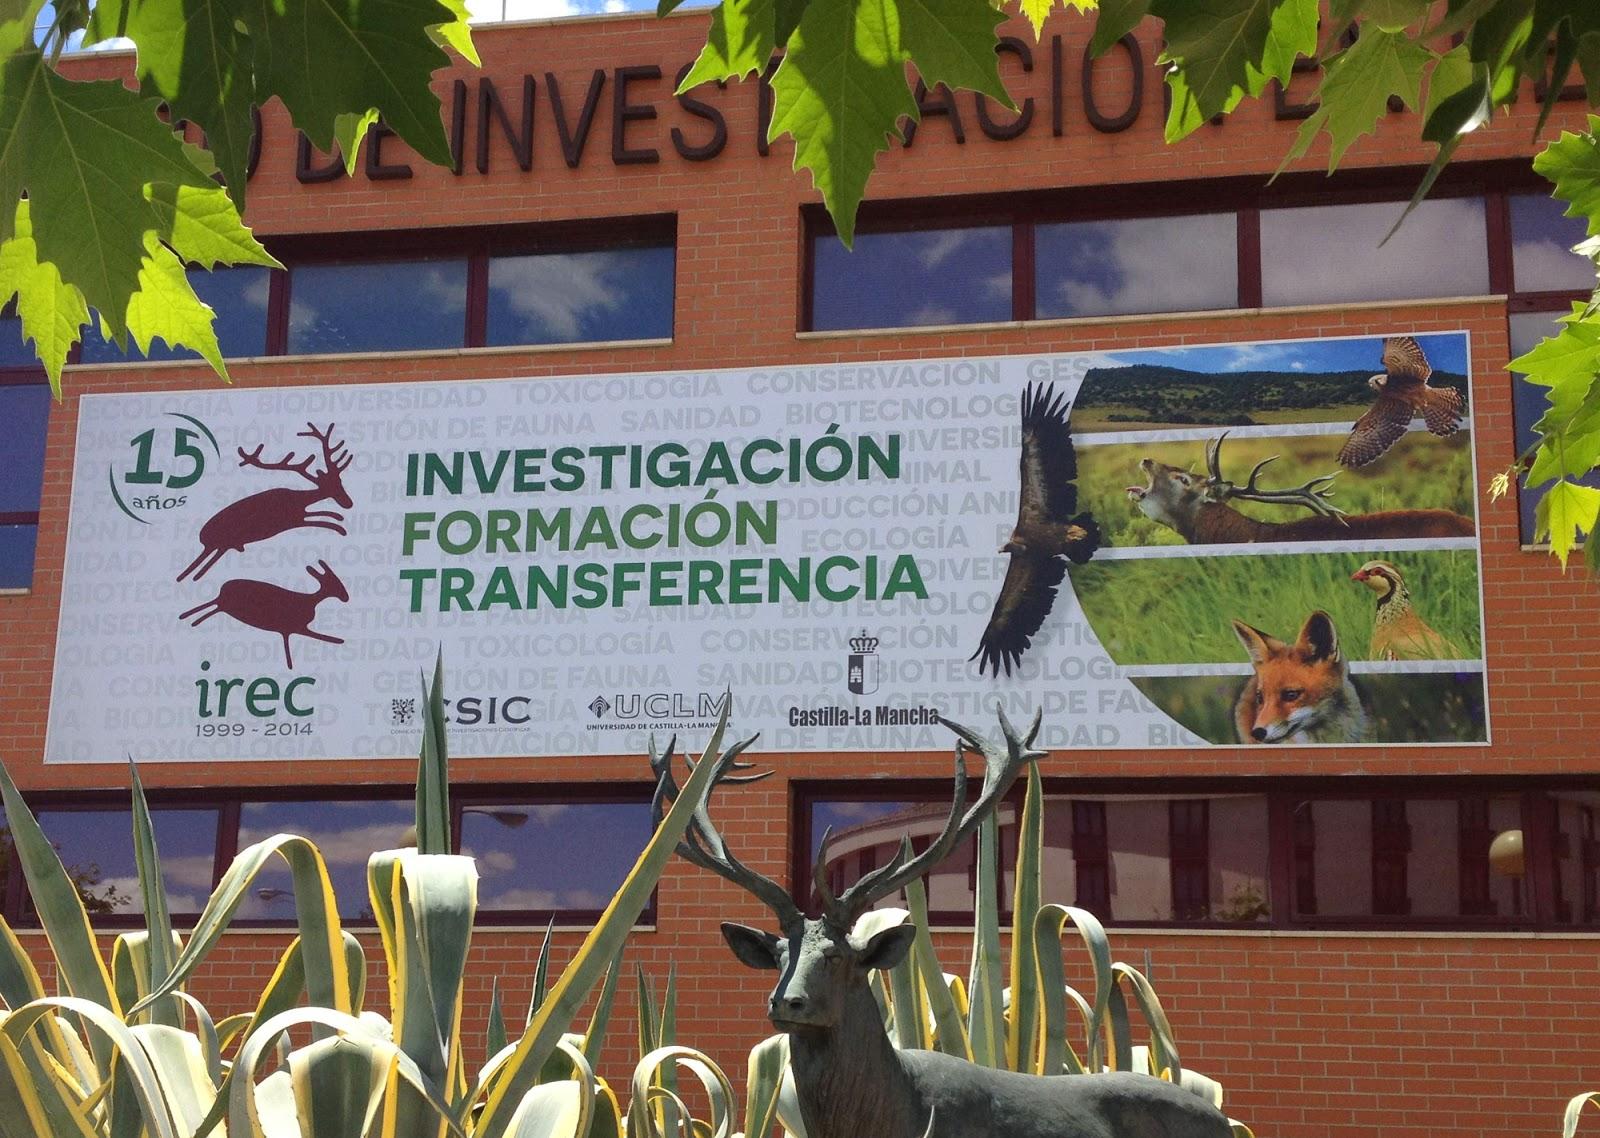 IREC Instituto Investigacion Recursos Cinegeticos